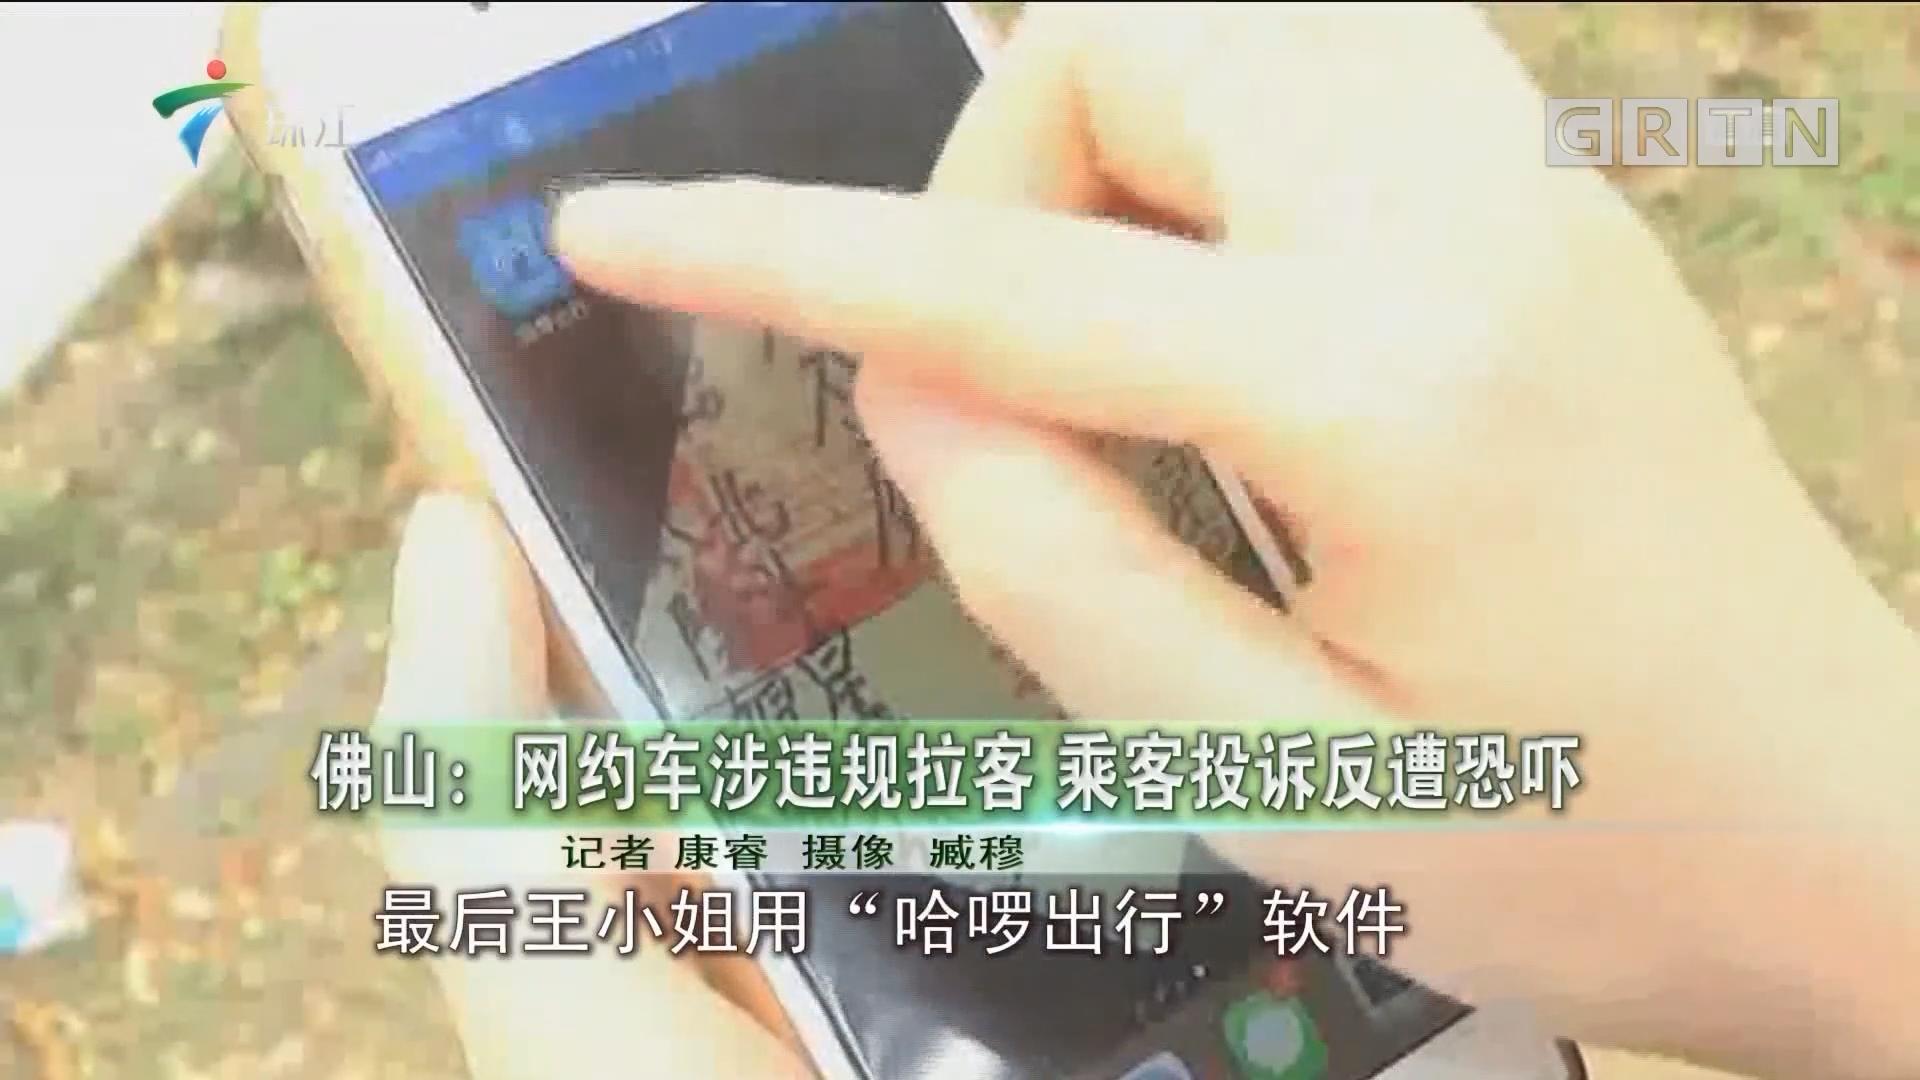 佛山:网约车涉违规拉客 乘客投诉反遭恐吓